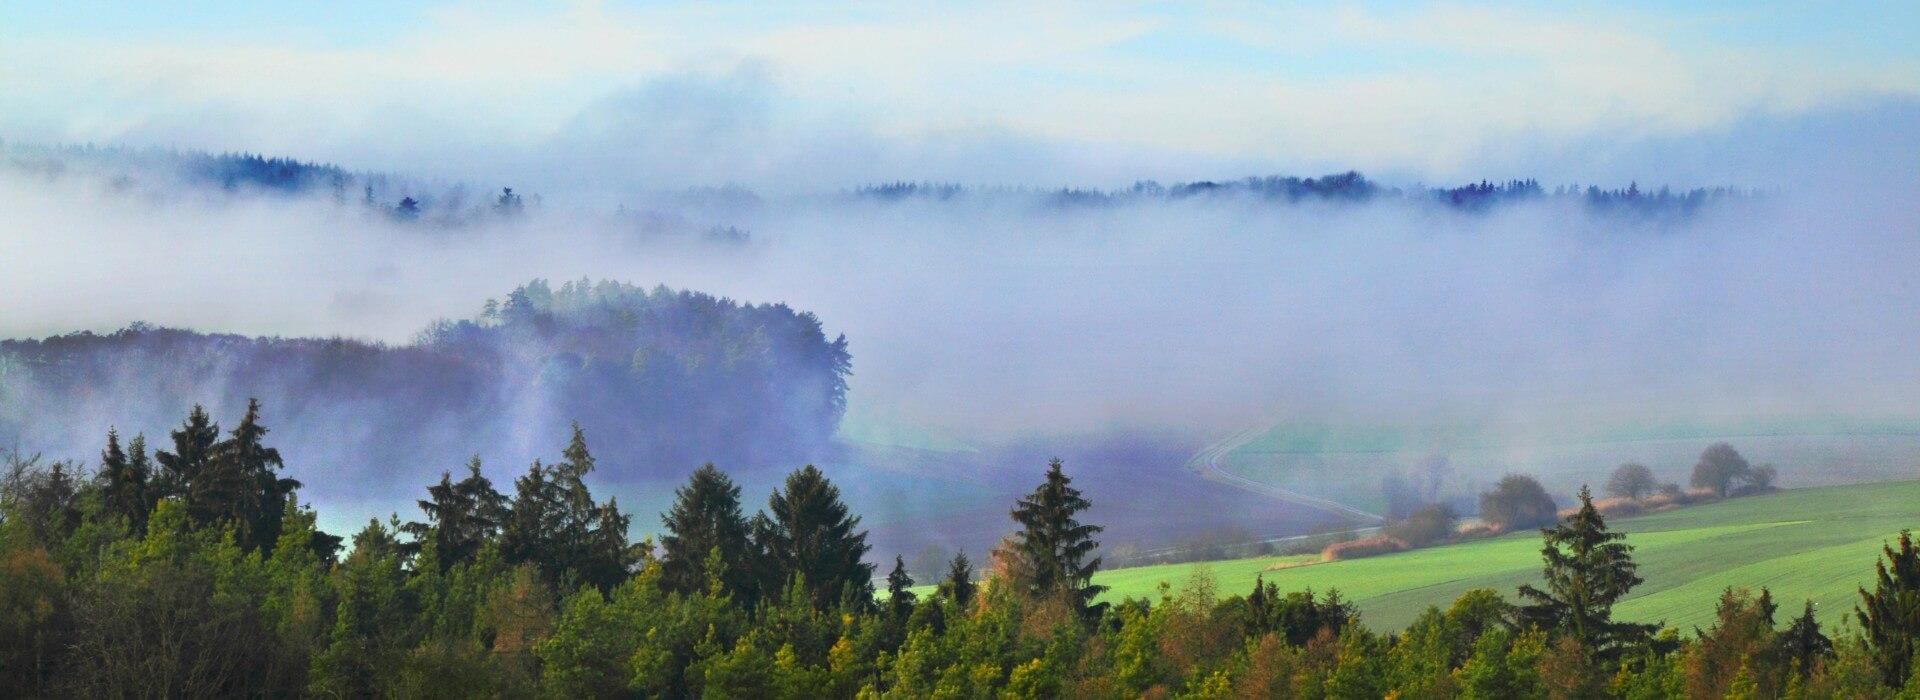 Kleinrinderfeld: Startseite Slideshow 02